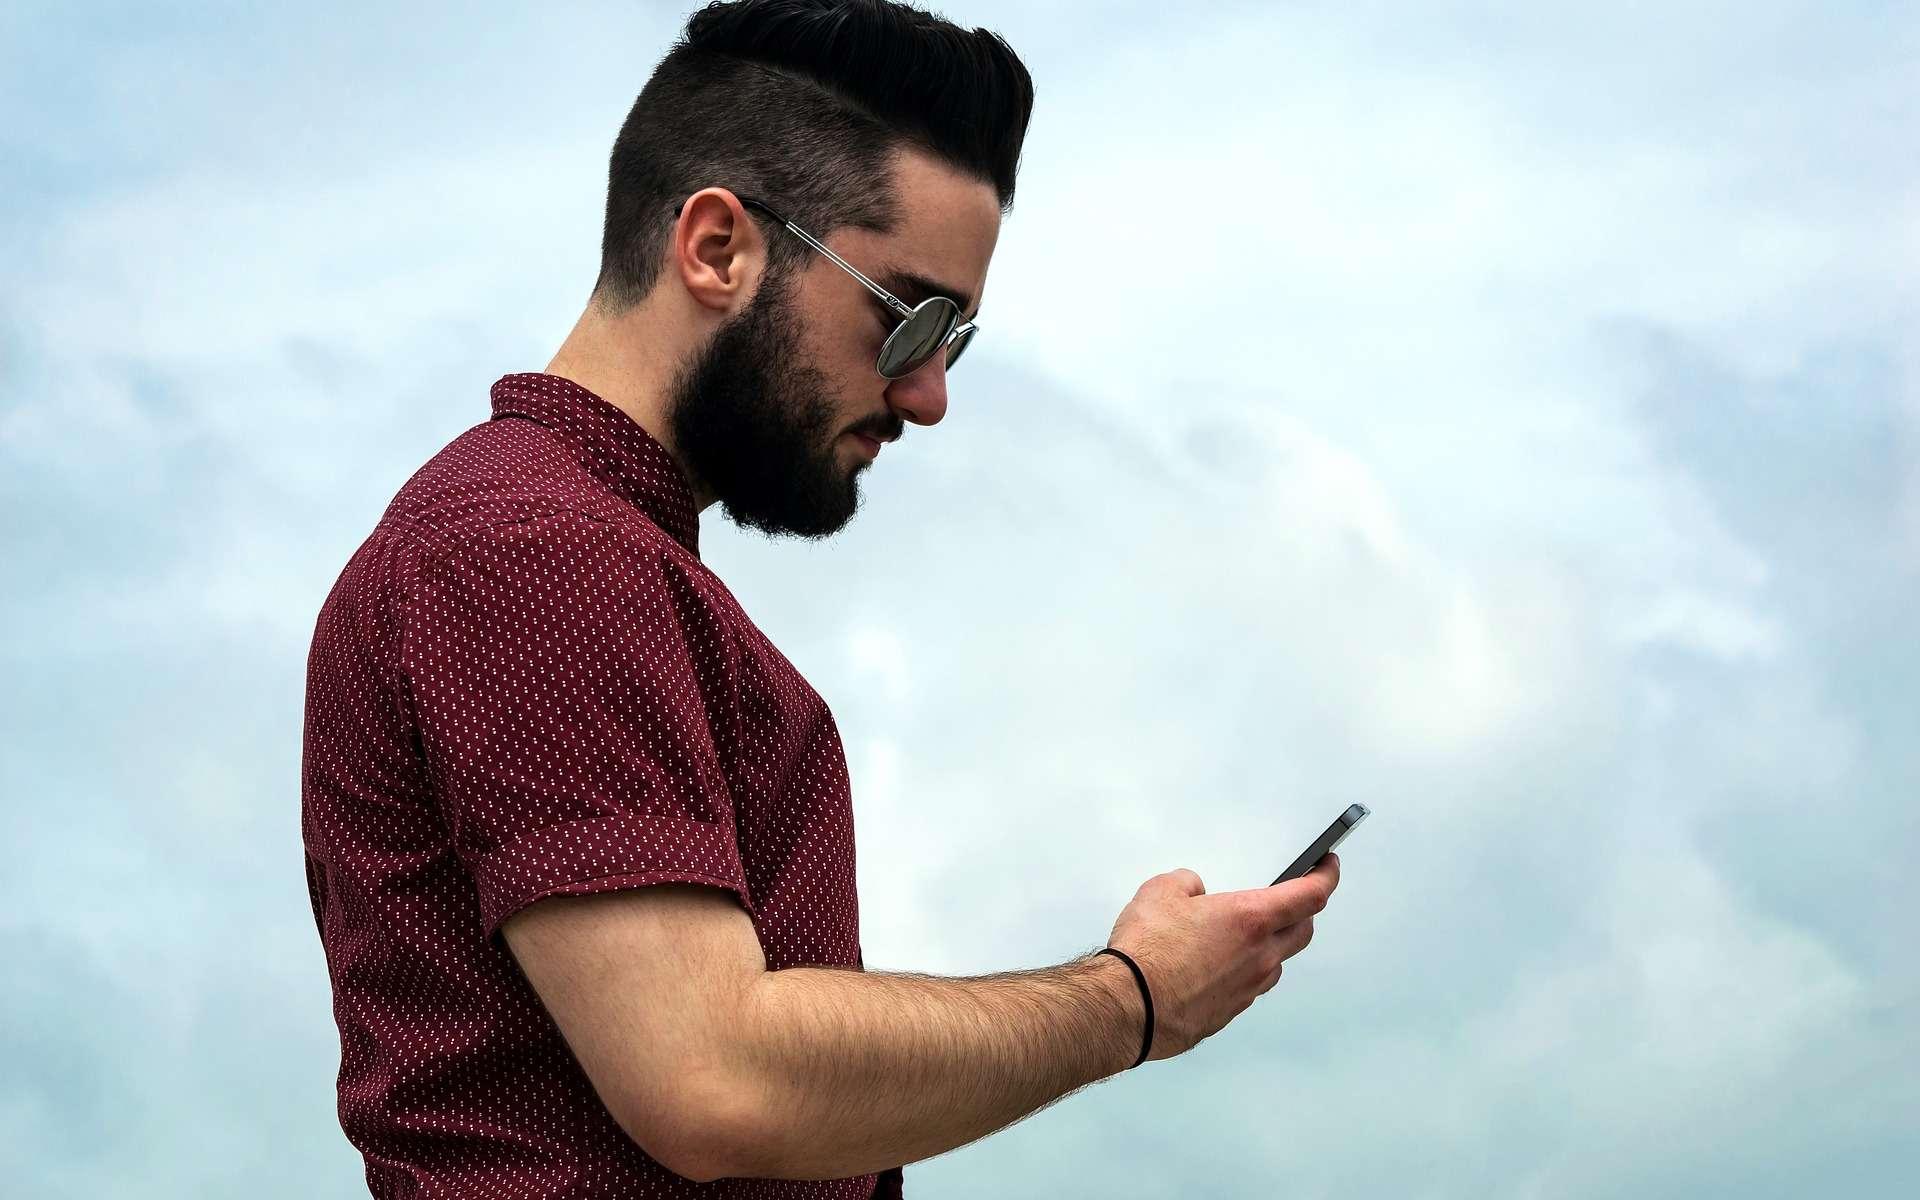 Les meilleurs forfaits pour votre mobile © The Hilary Clark, Pixabay